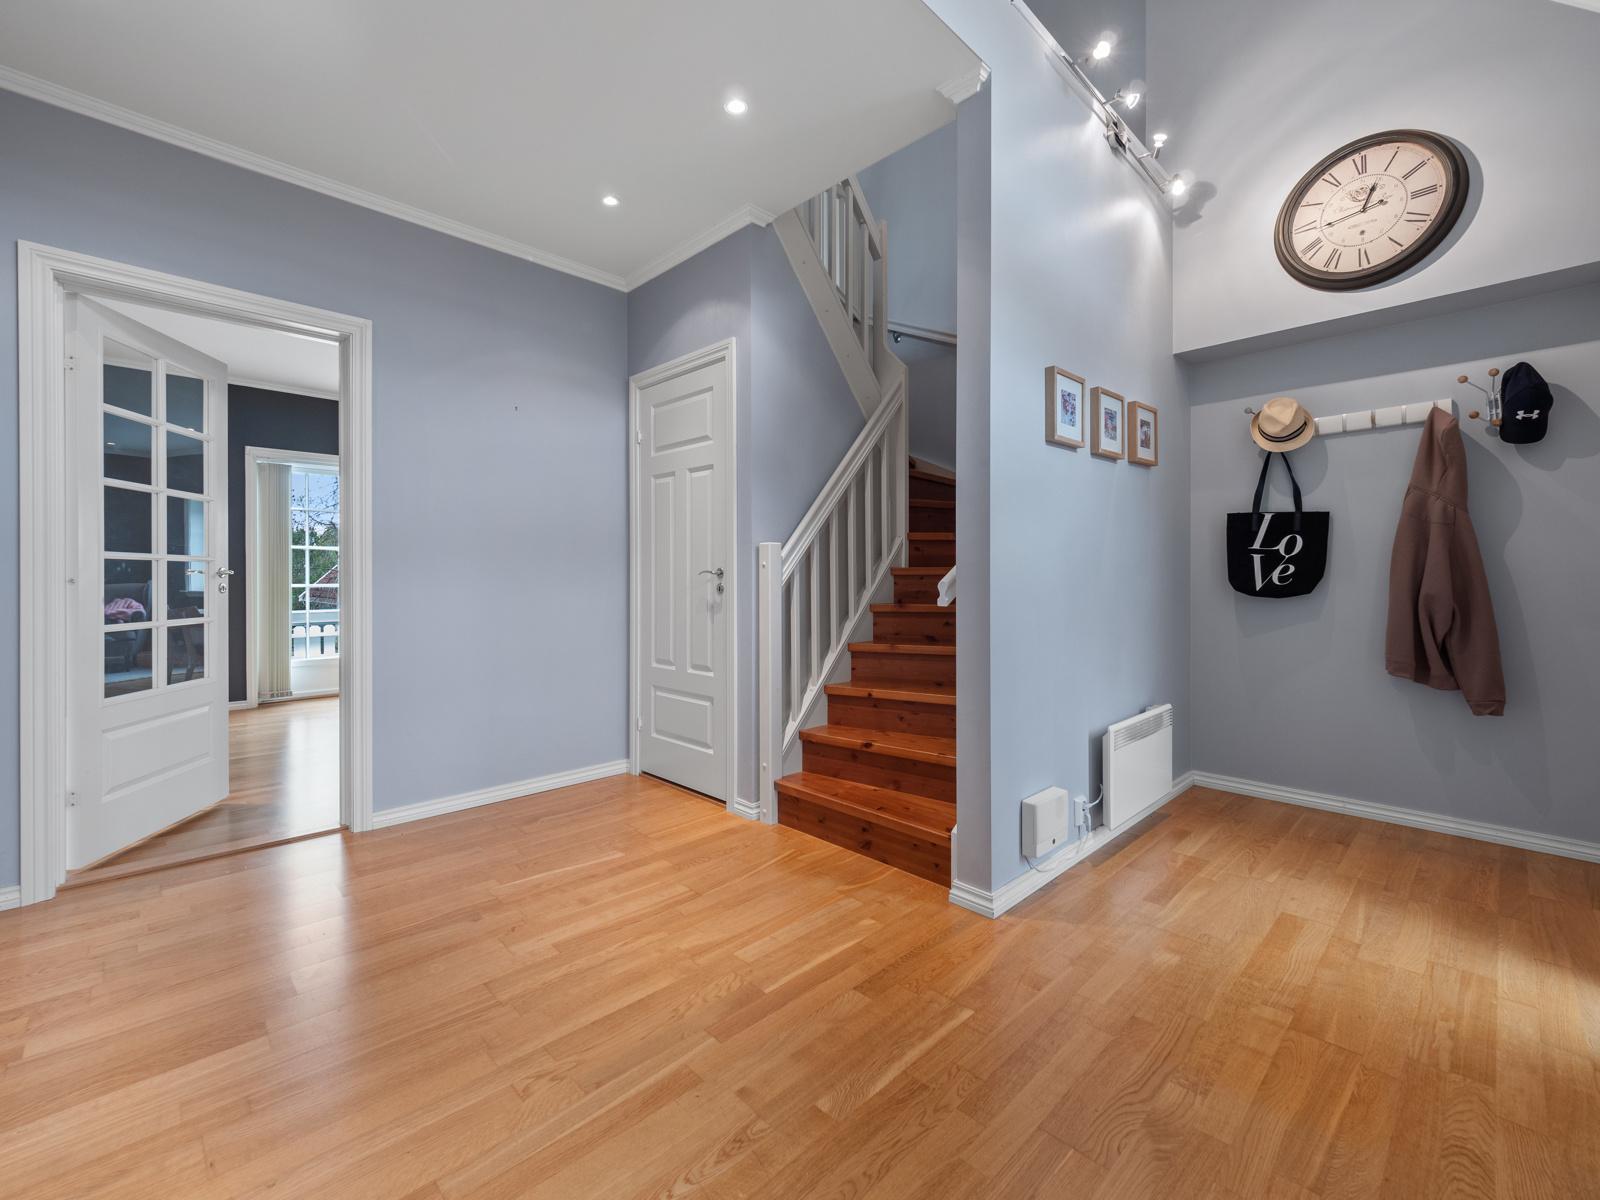 Entre/hall med praktisk garderobehjørne og bod under trapp.